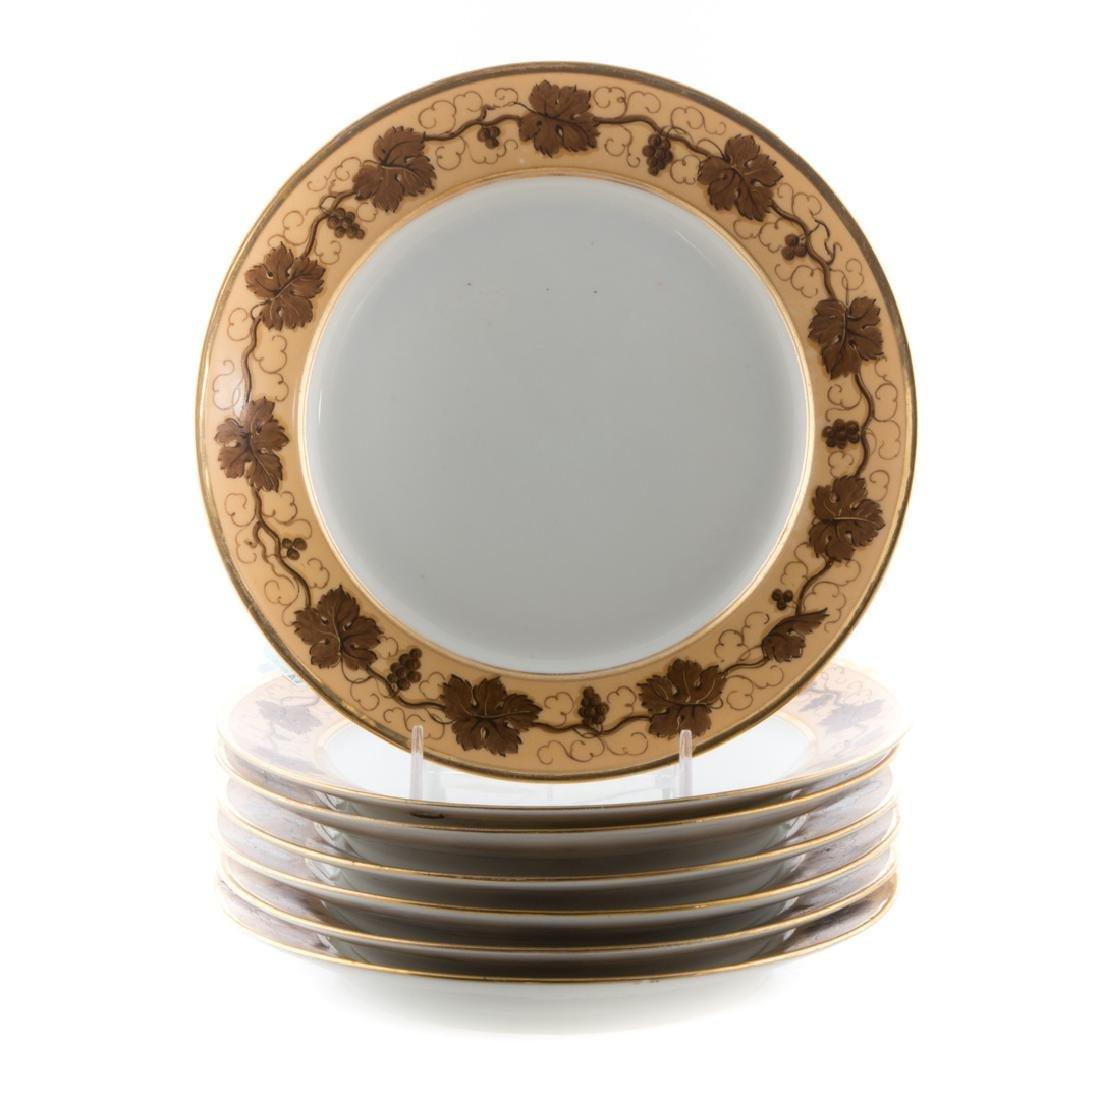 23 Pochet D' a Paris porcelain table articles - 2